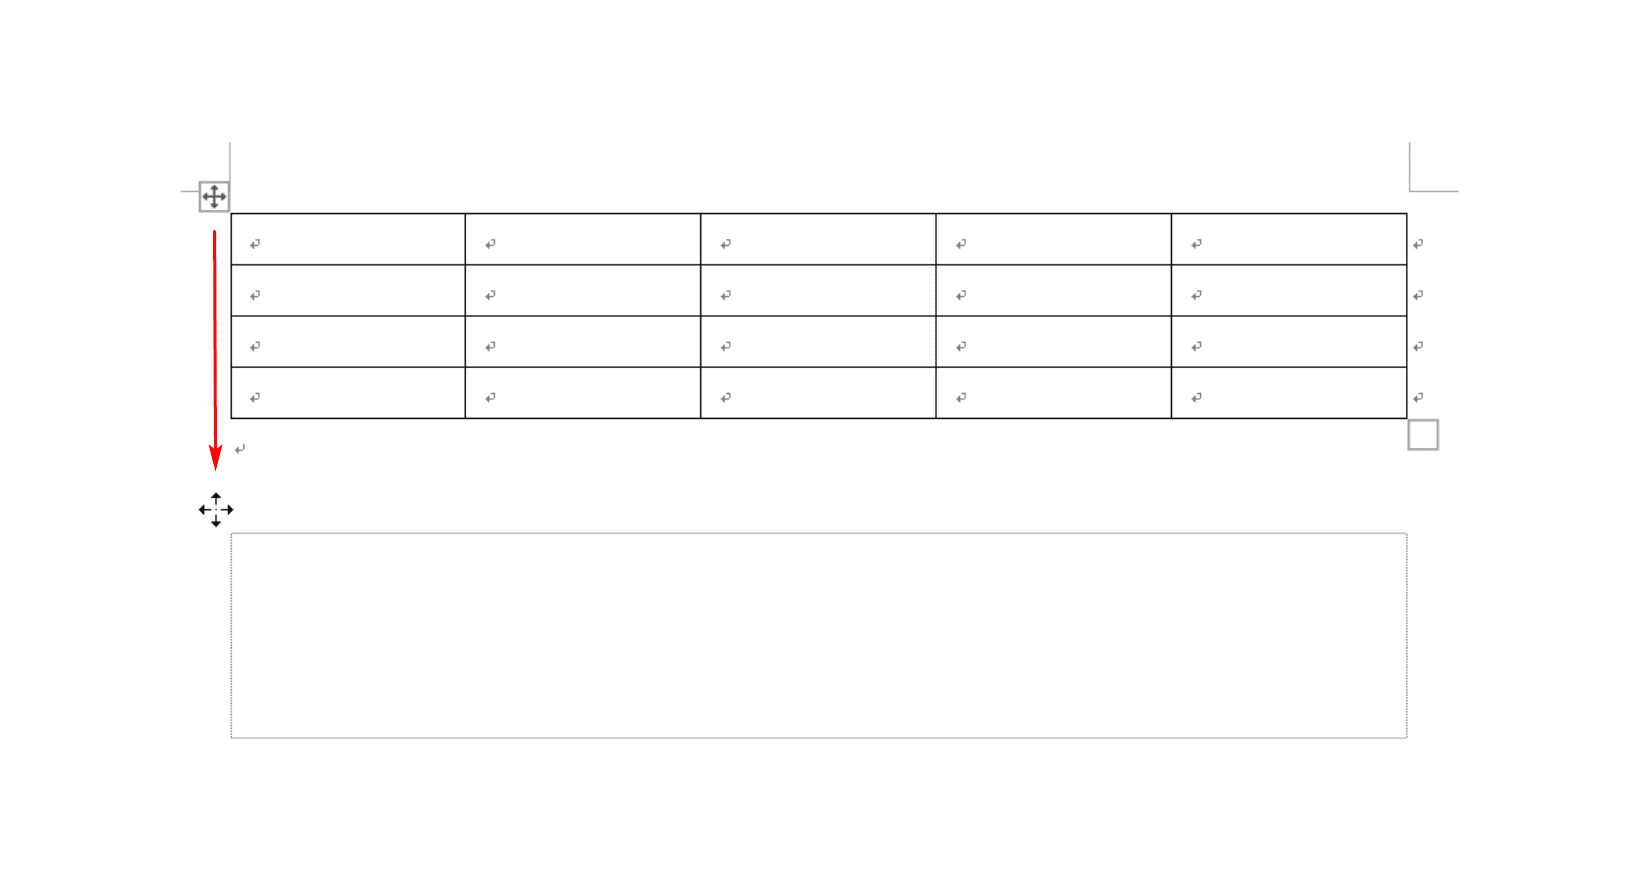 表全体の移動